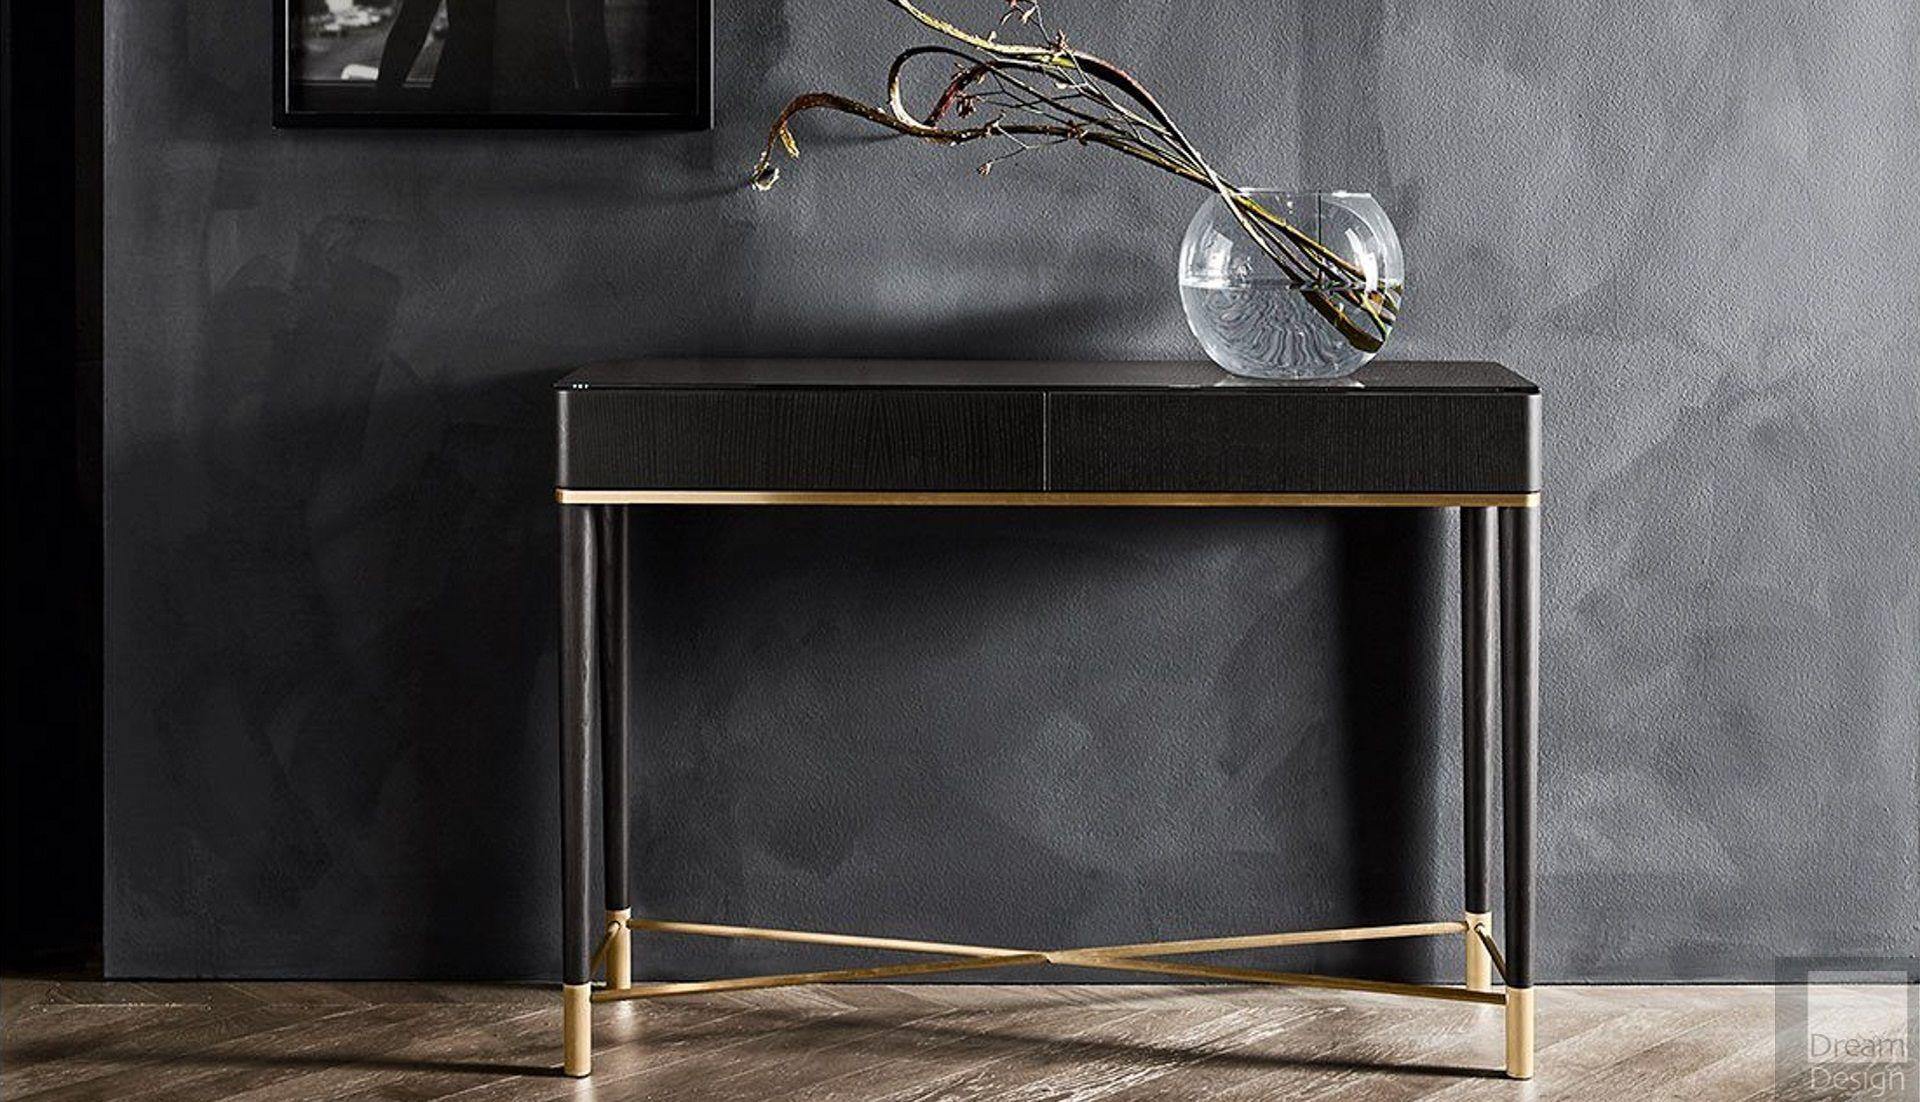 Gallotti radice tama console table by carlo colombo ebo - Gallotti e radice tavoli ...